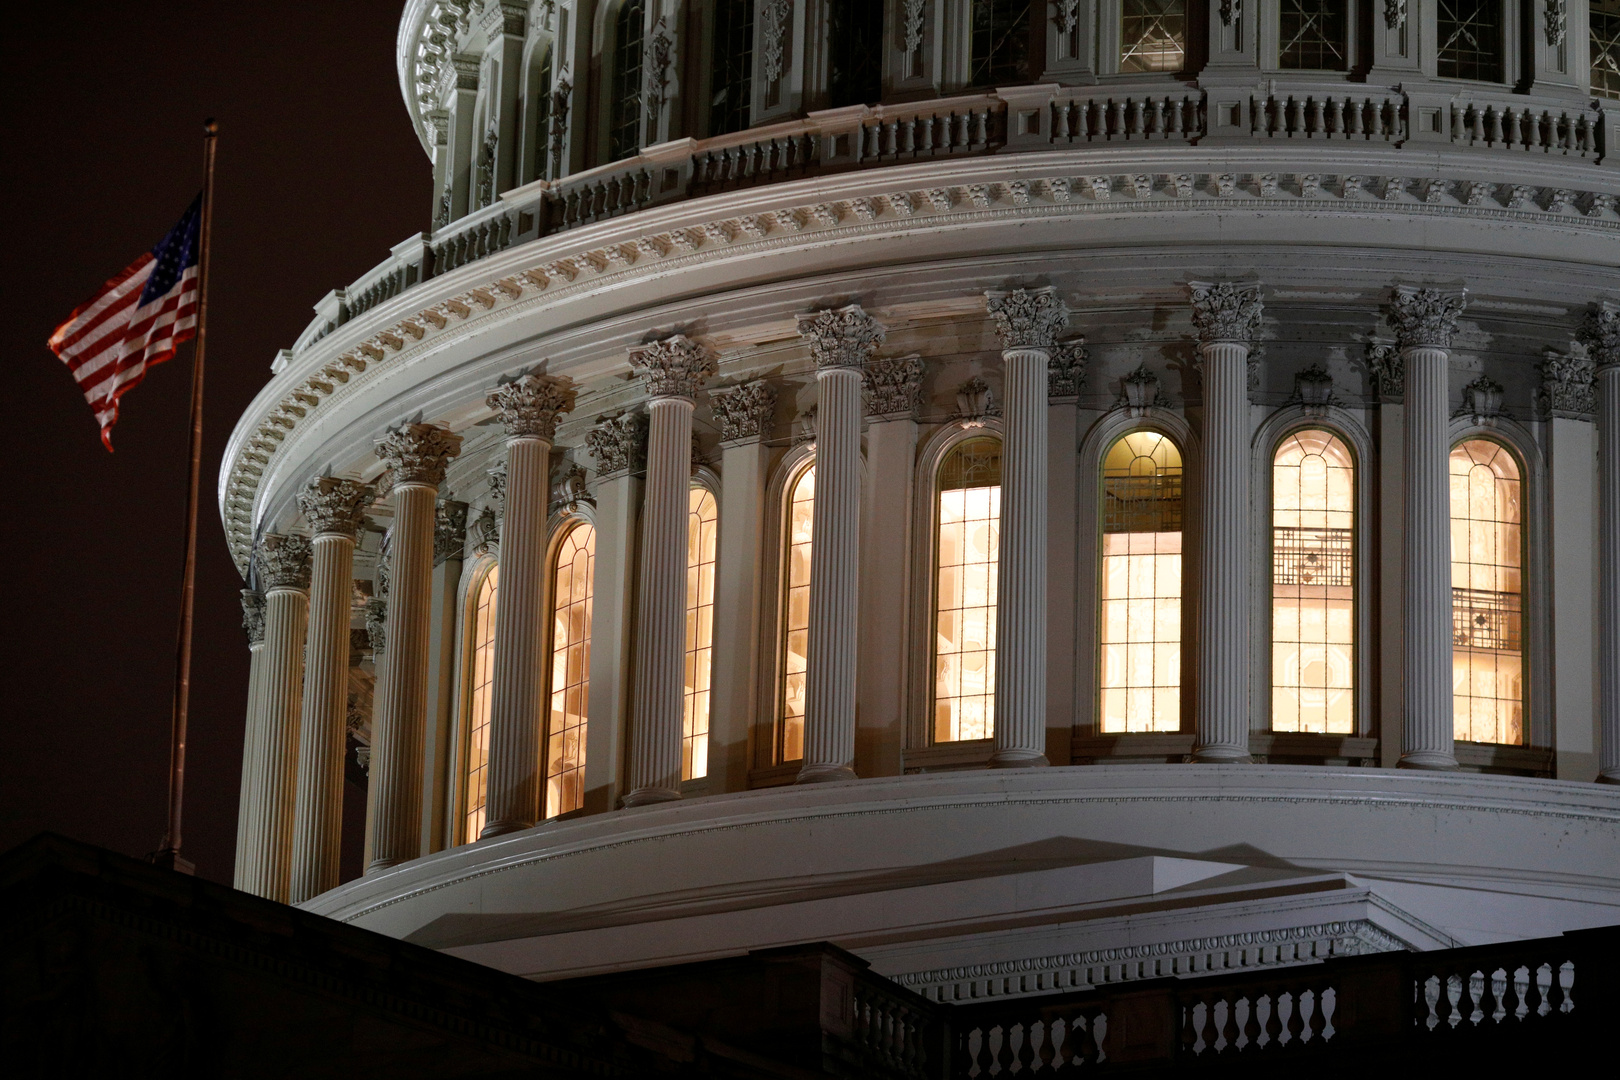 <a href='/tags/43602-%D9%85%D8%AC%D9%84%D8%B3-%D8%A7%D9%84%D8%B4%D9%8A%D9%88%D8%AE-%D8%A7%D9%84%D8%A3%D9%85%D8%B1%D9%8A%D9%83%D9%8A'>مجلس الشيوخ الأمريكي</a> يوافق على تشريع لدعم الاقتصاد بنحو 500 مليار دولار